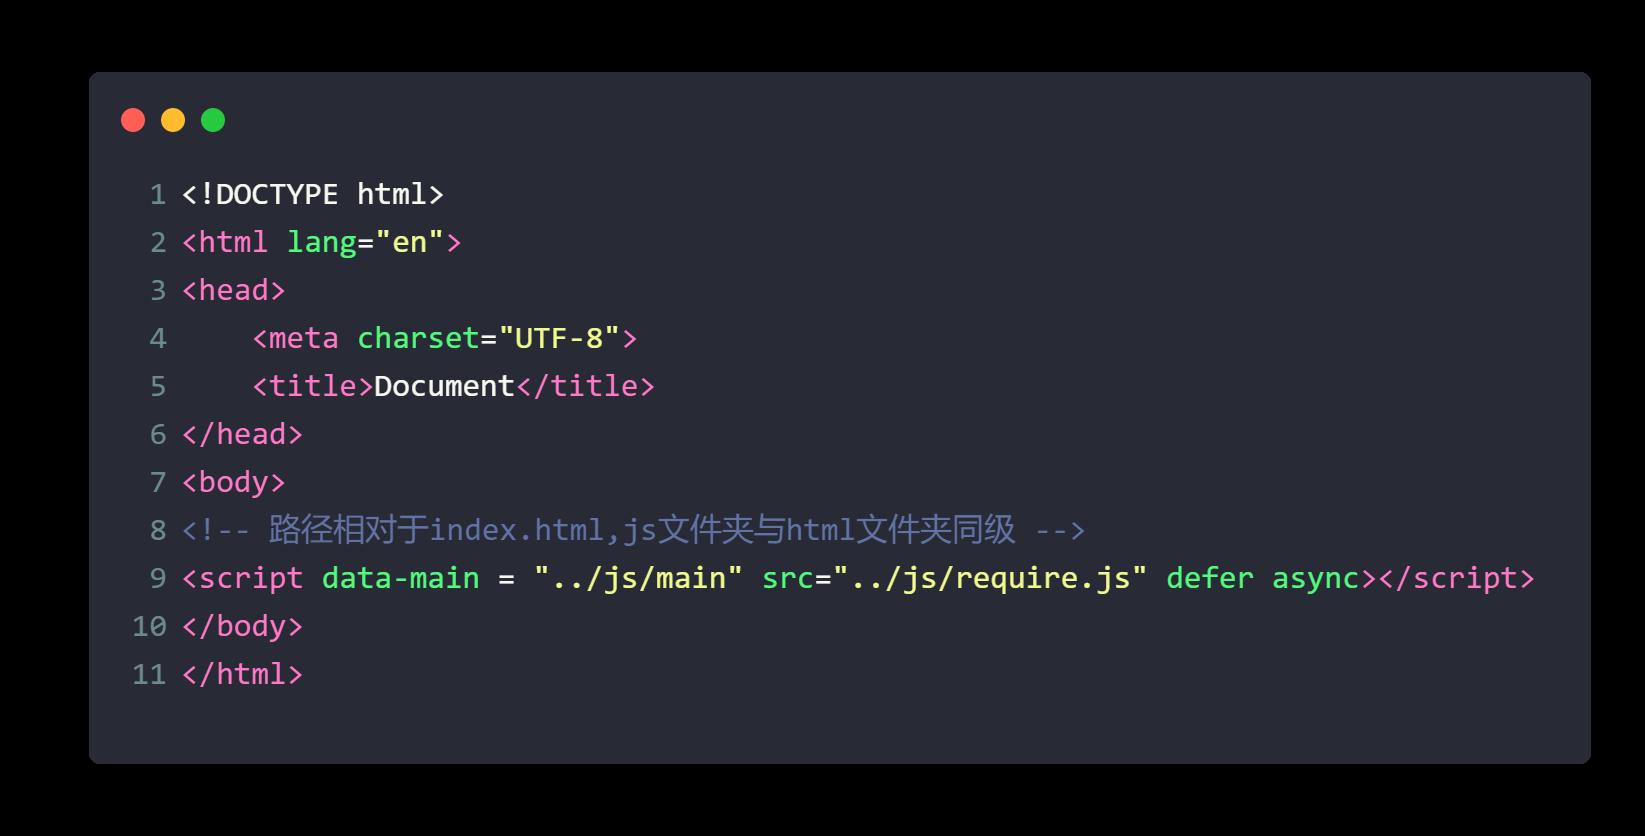 code-snapshot